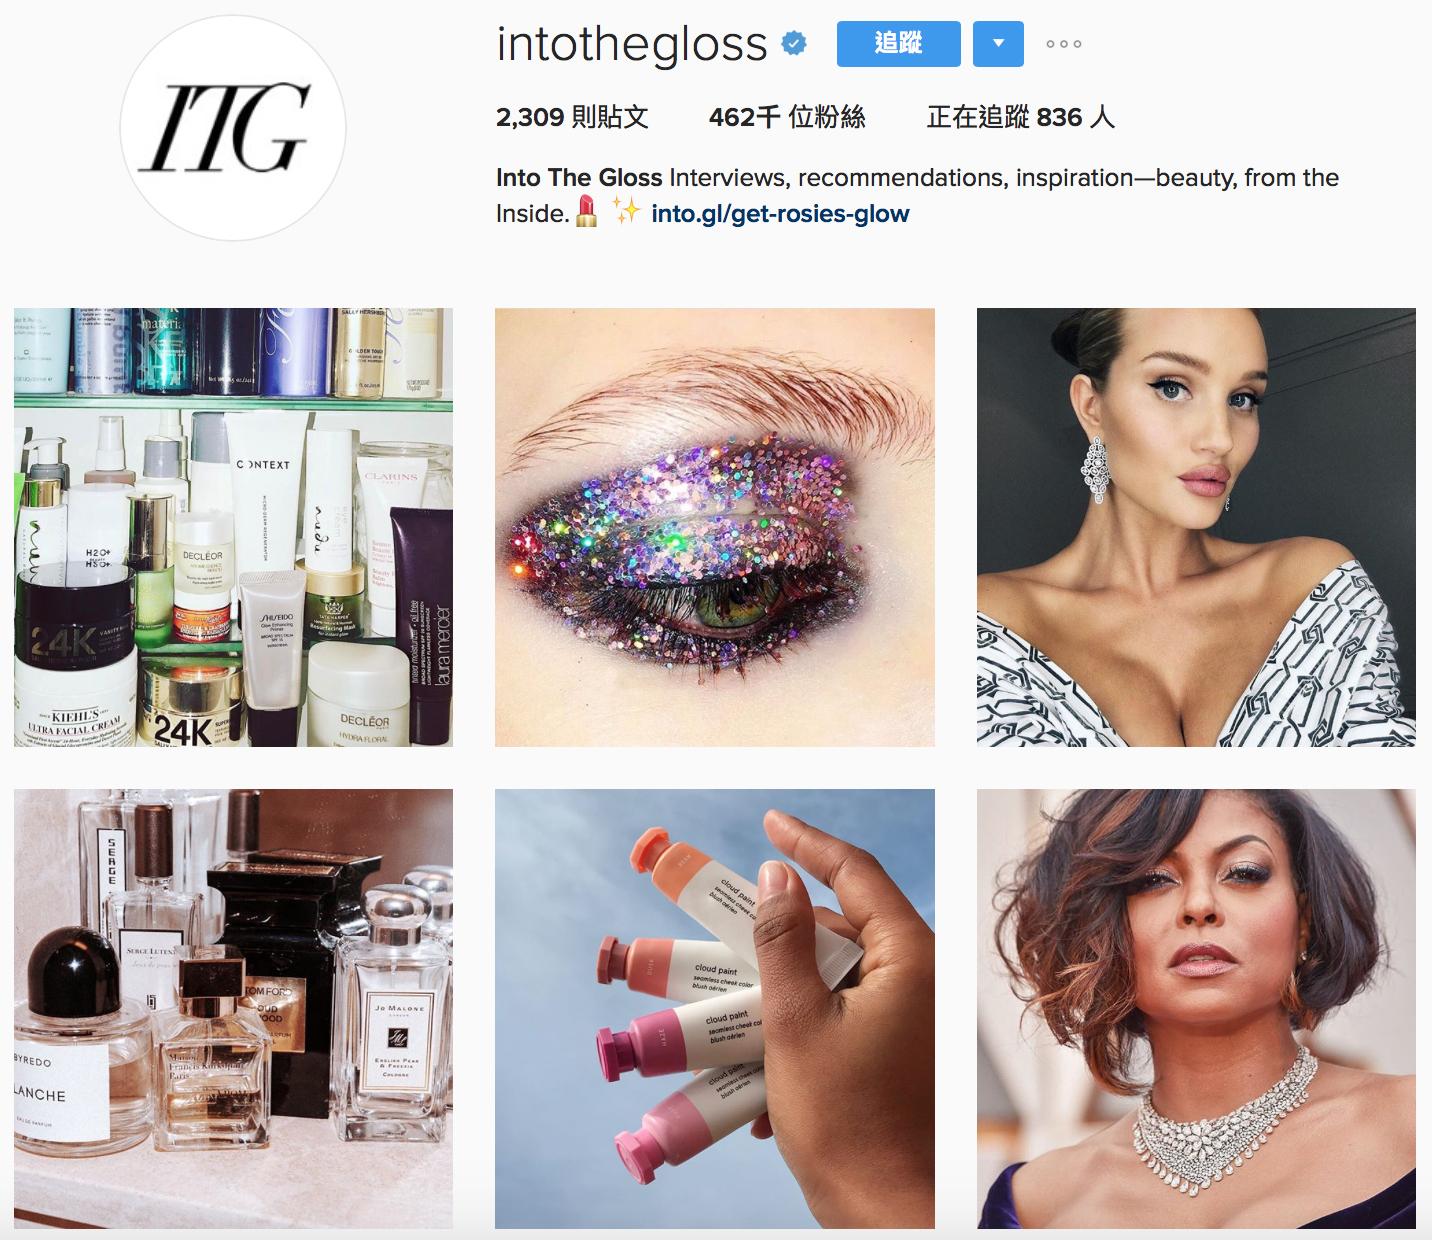 粉絲回饋直接變內容,美妝品牌Glossier策略打造「閨蜜連結」